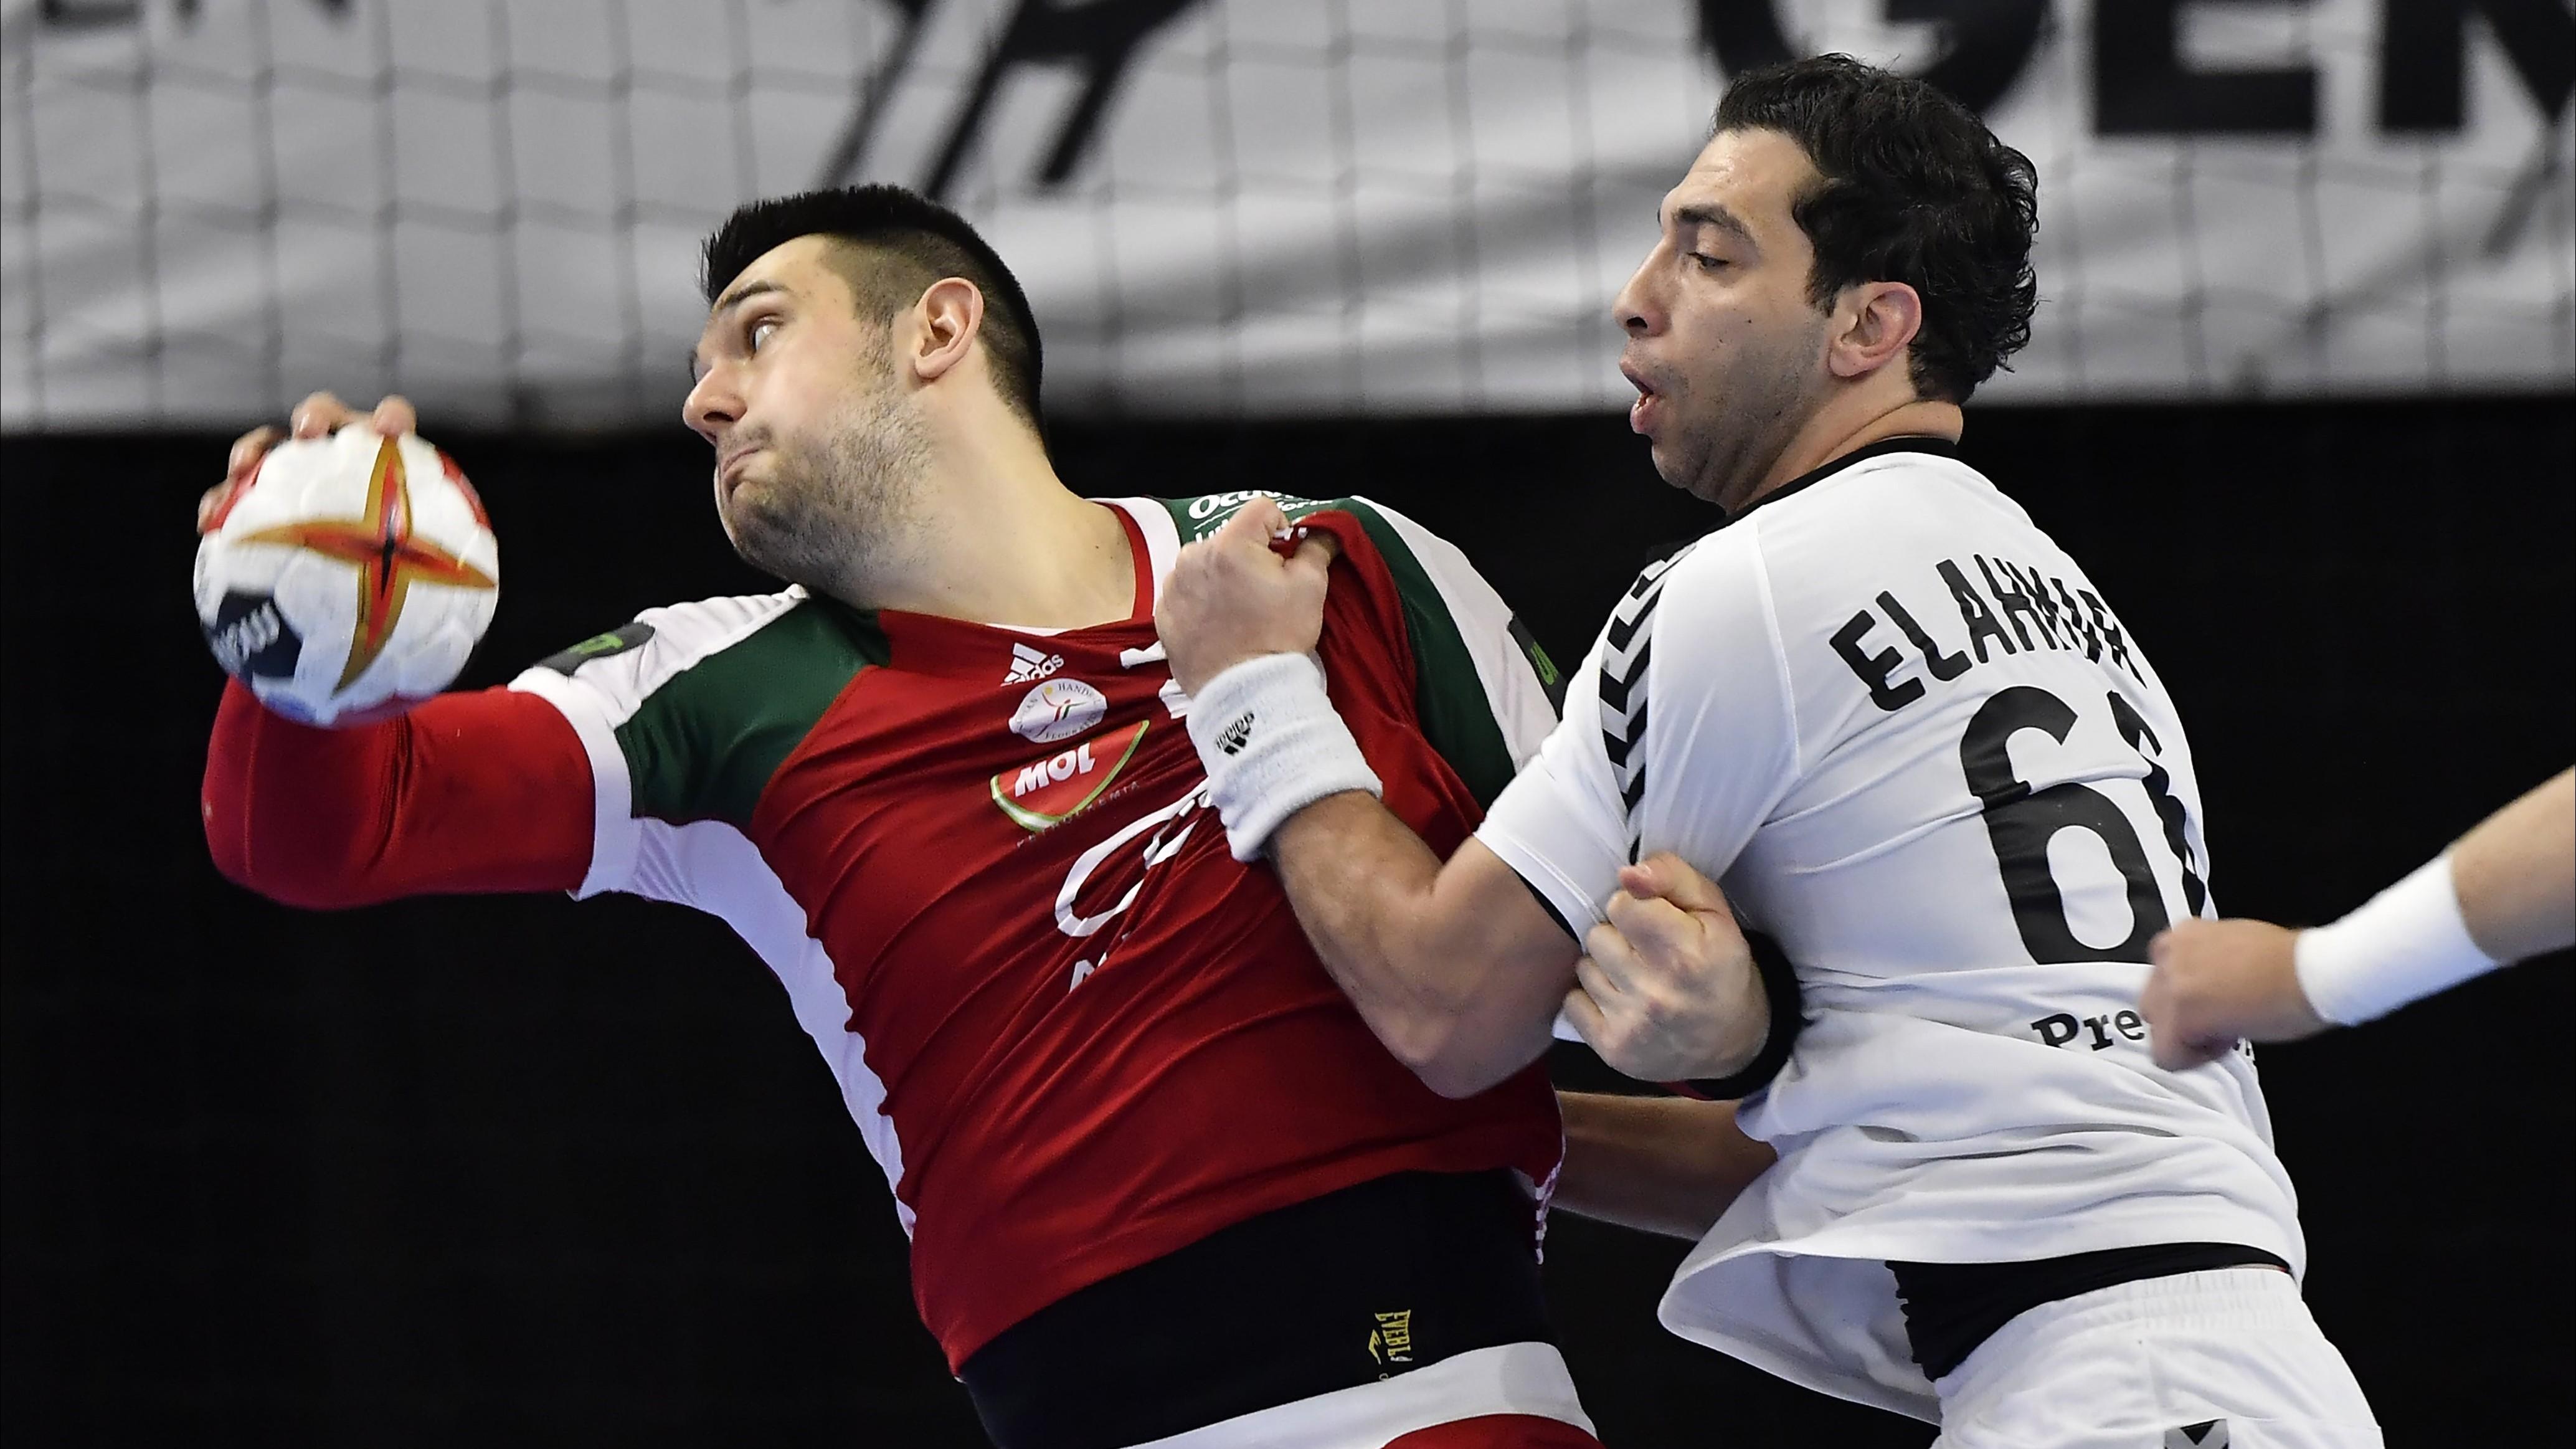 Döntetlennel jutott a középdöntőbe a magyar válogatott a férfi kézilabda világbajnokságon